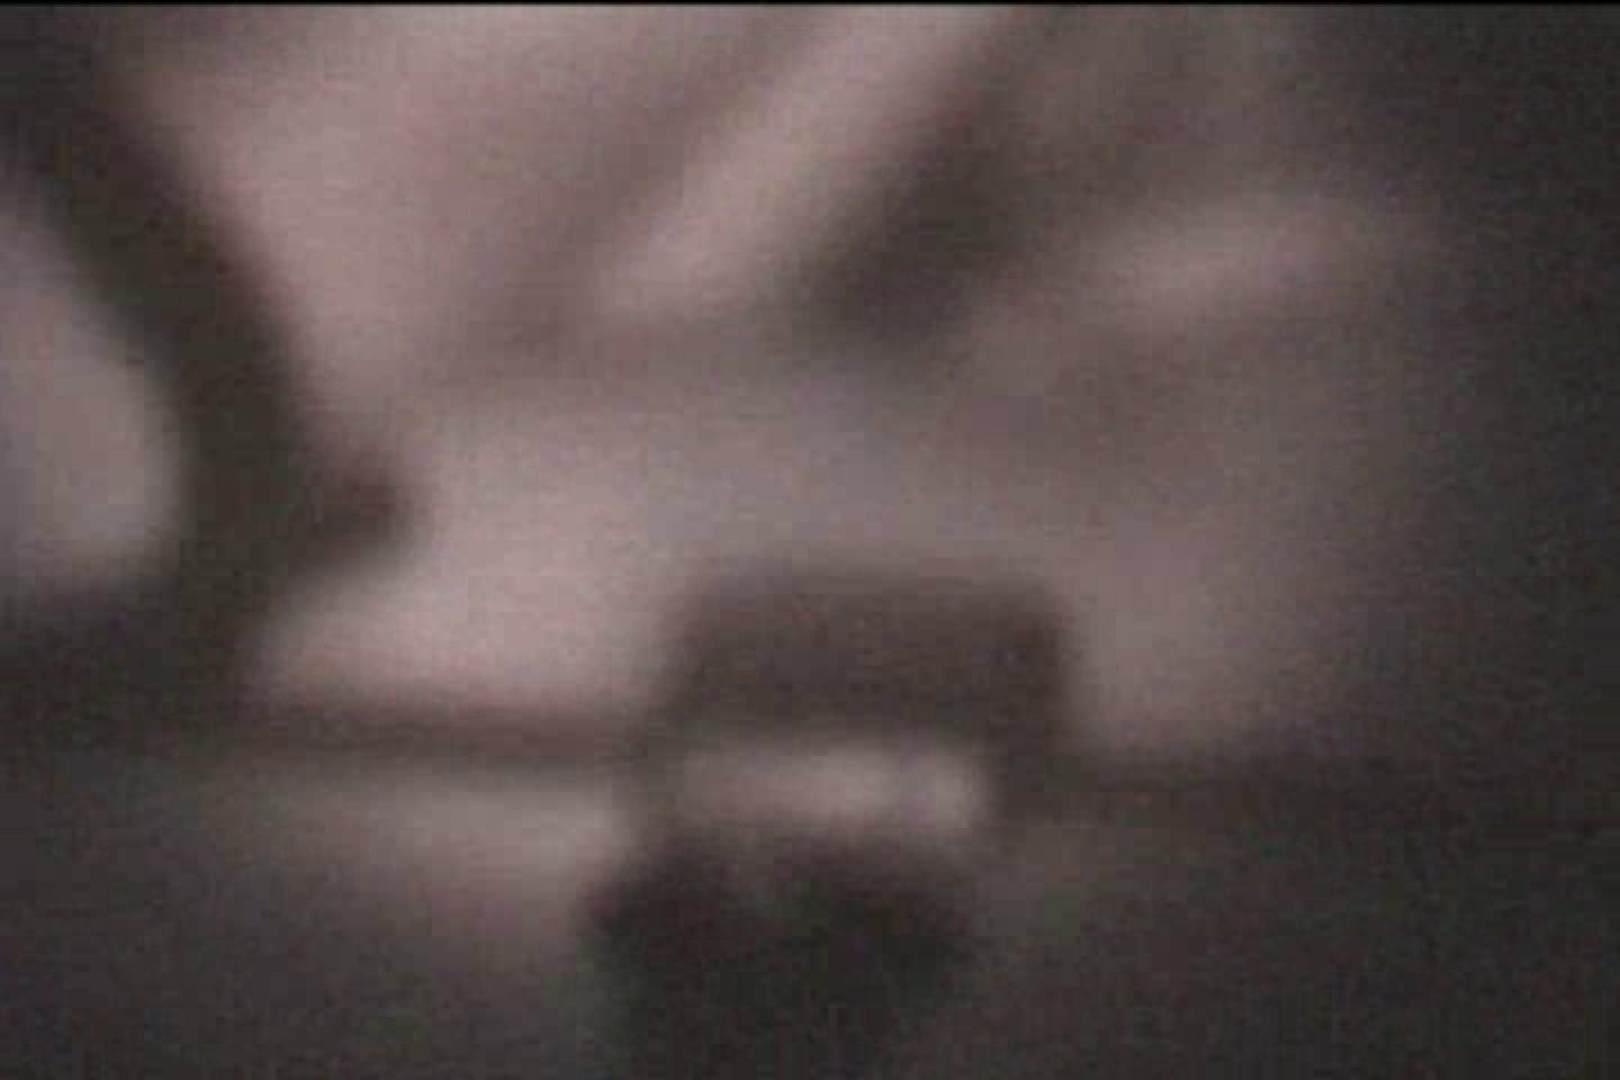 蔵出し!!赤外線カーセックスVol.27 手マン 覗きスケベ動画紹介 78画像 4